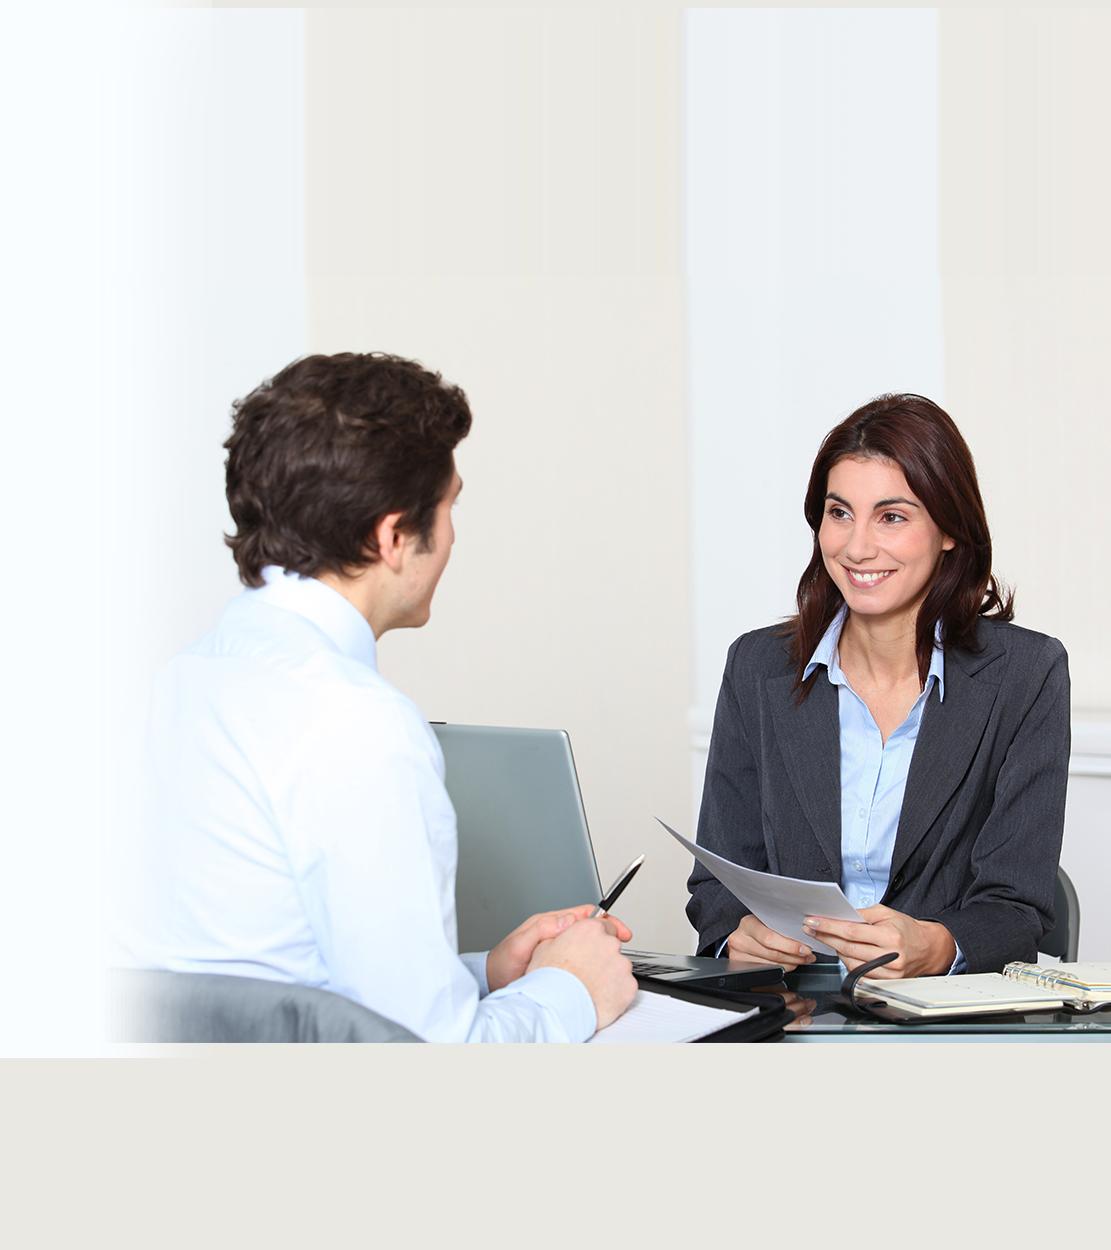 jobseekers jobseeker resources search jobs